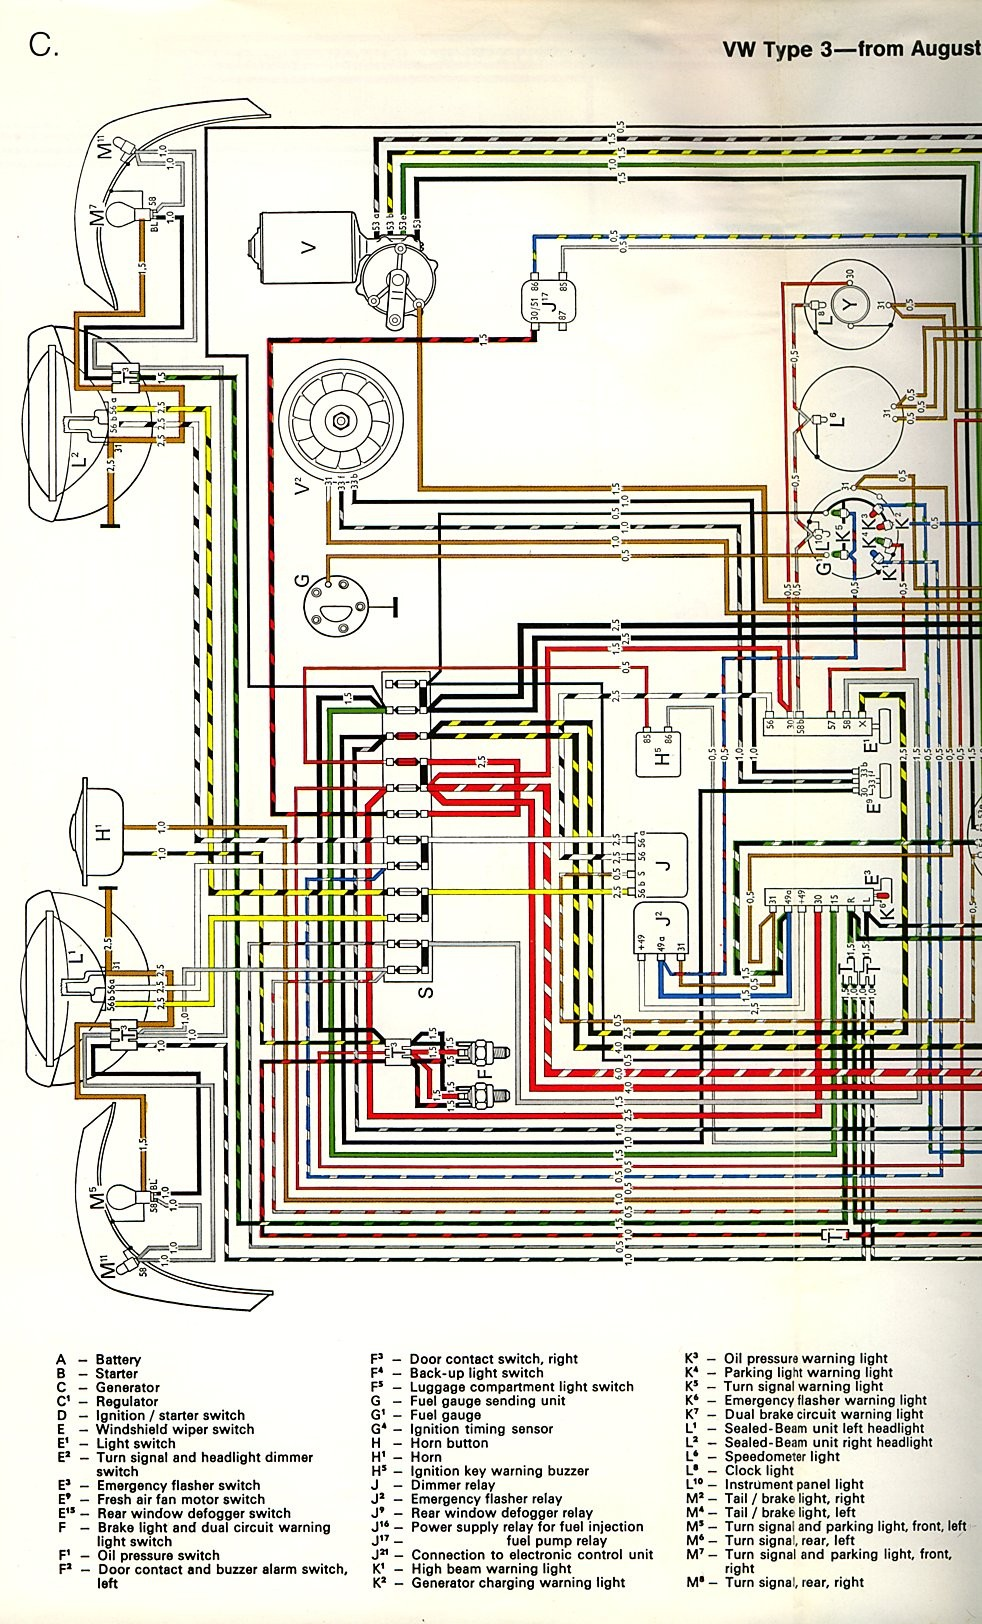 Vw 311906061 Wiring Diagram